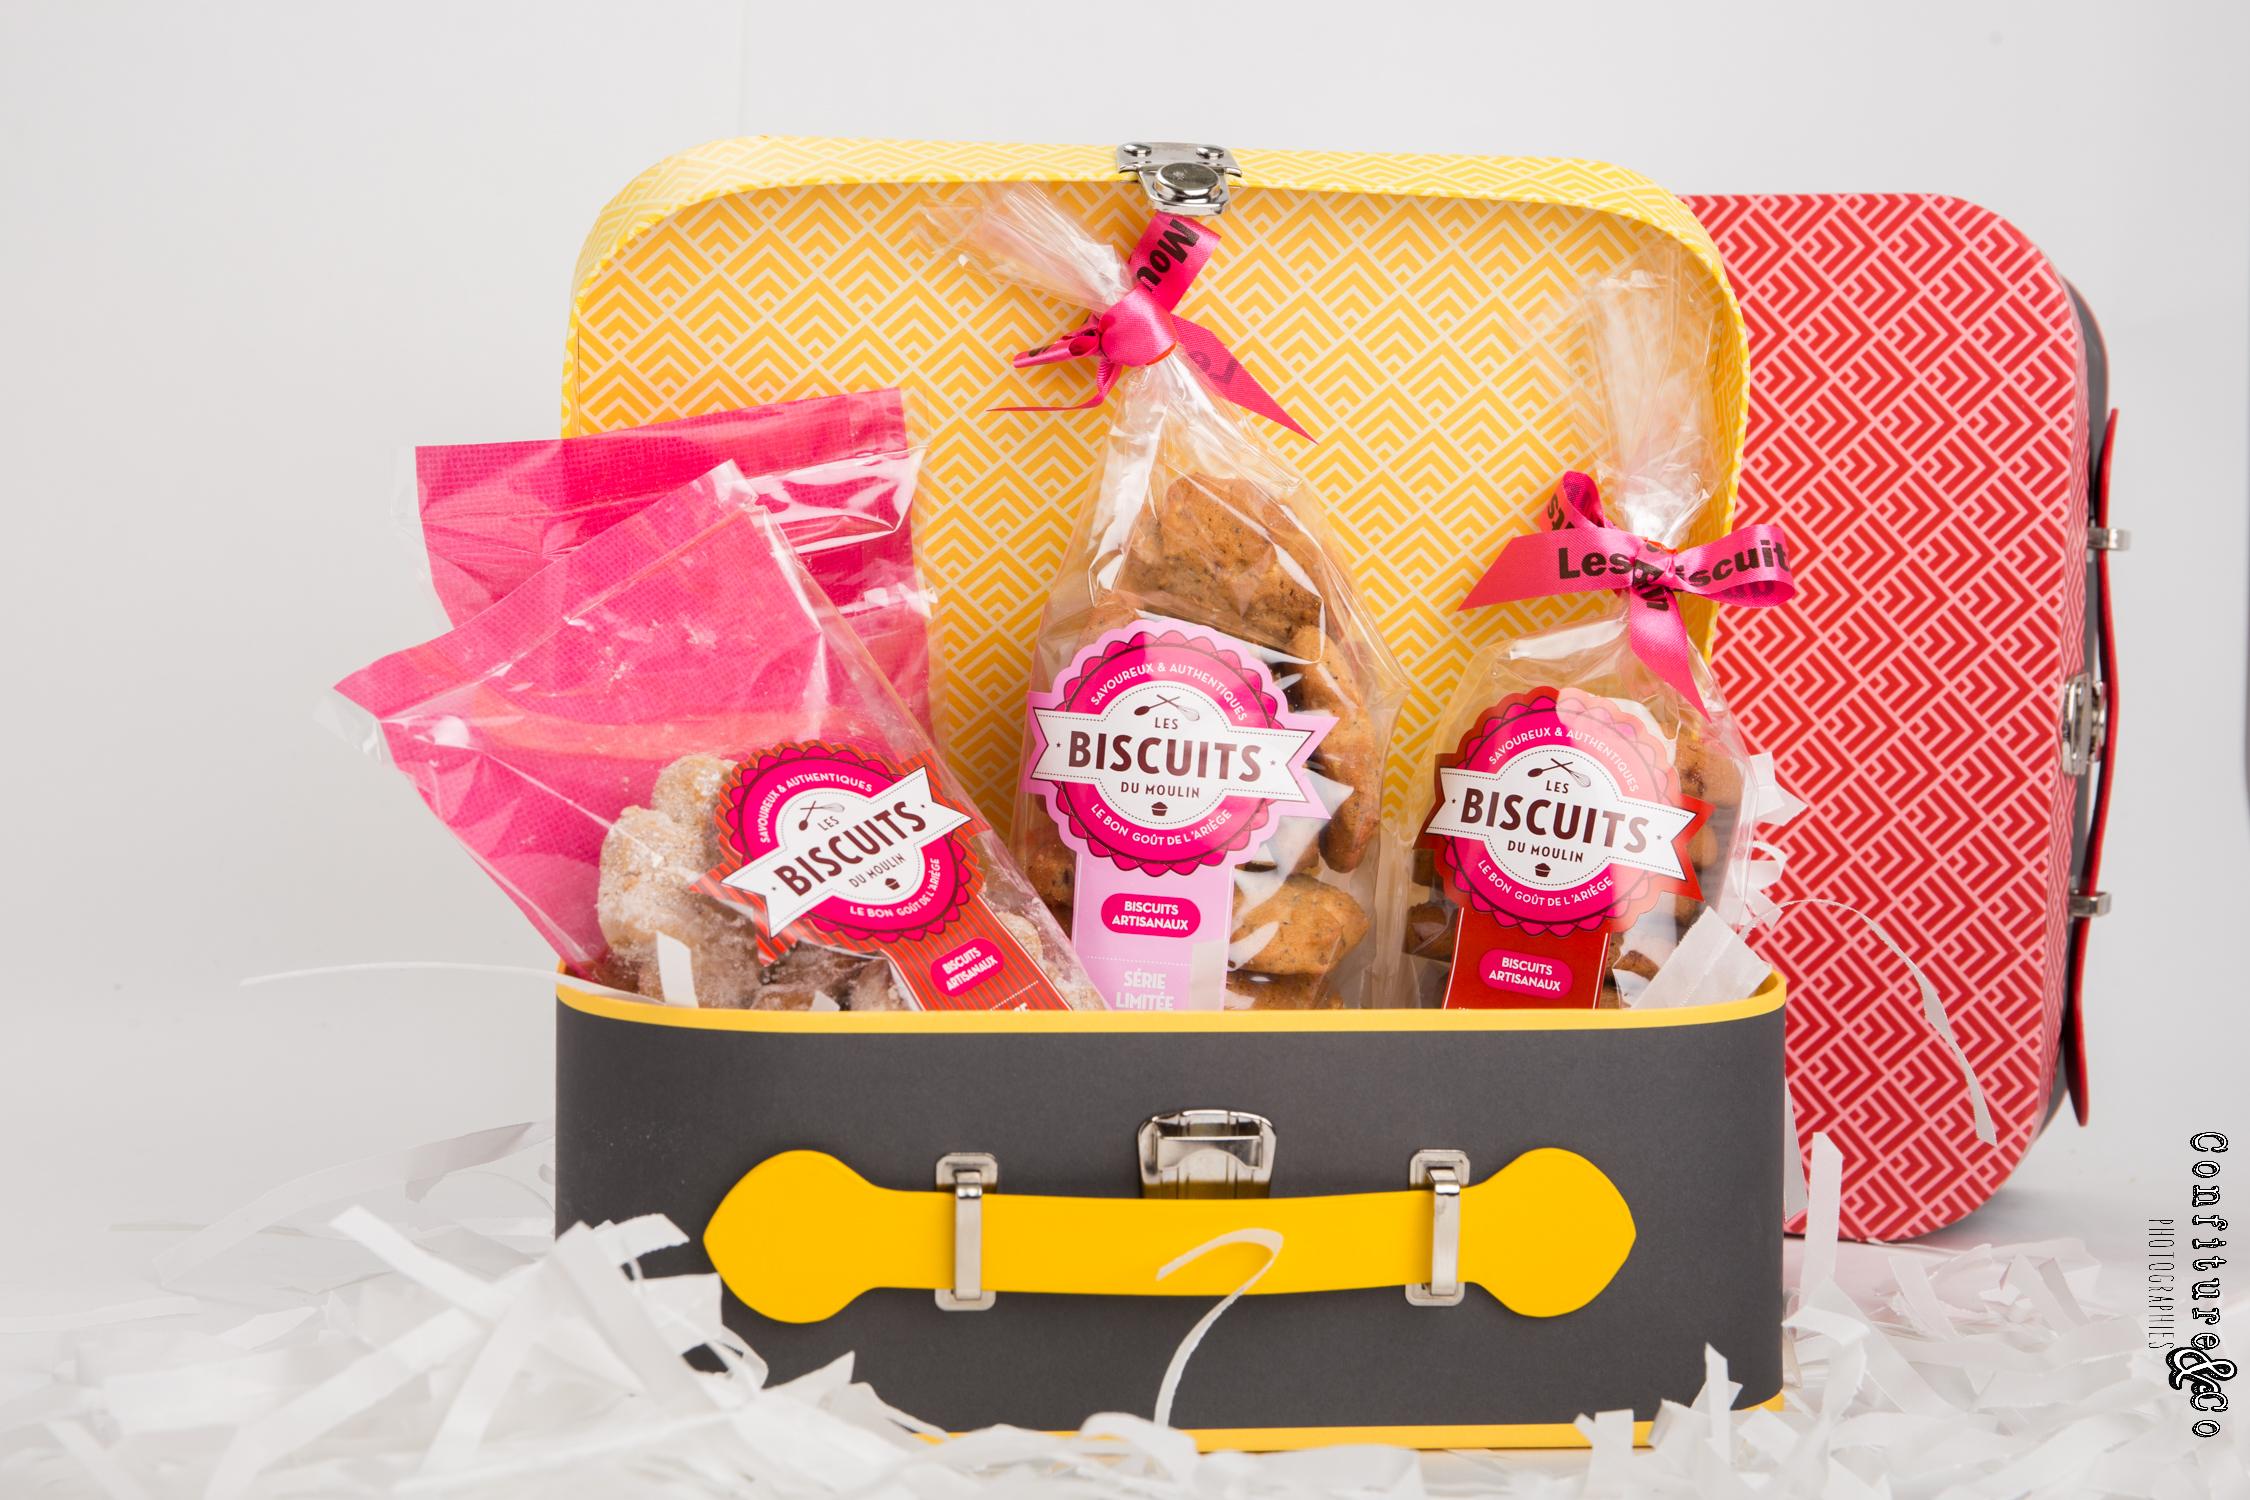 Célèbre Idées cadeaux - Les Biscuits du Moulin AA96